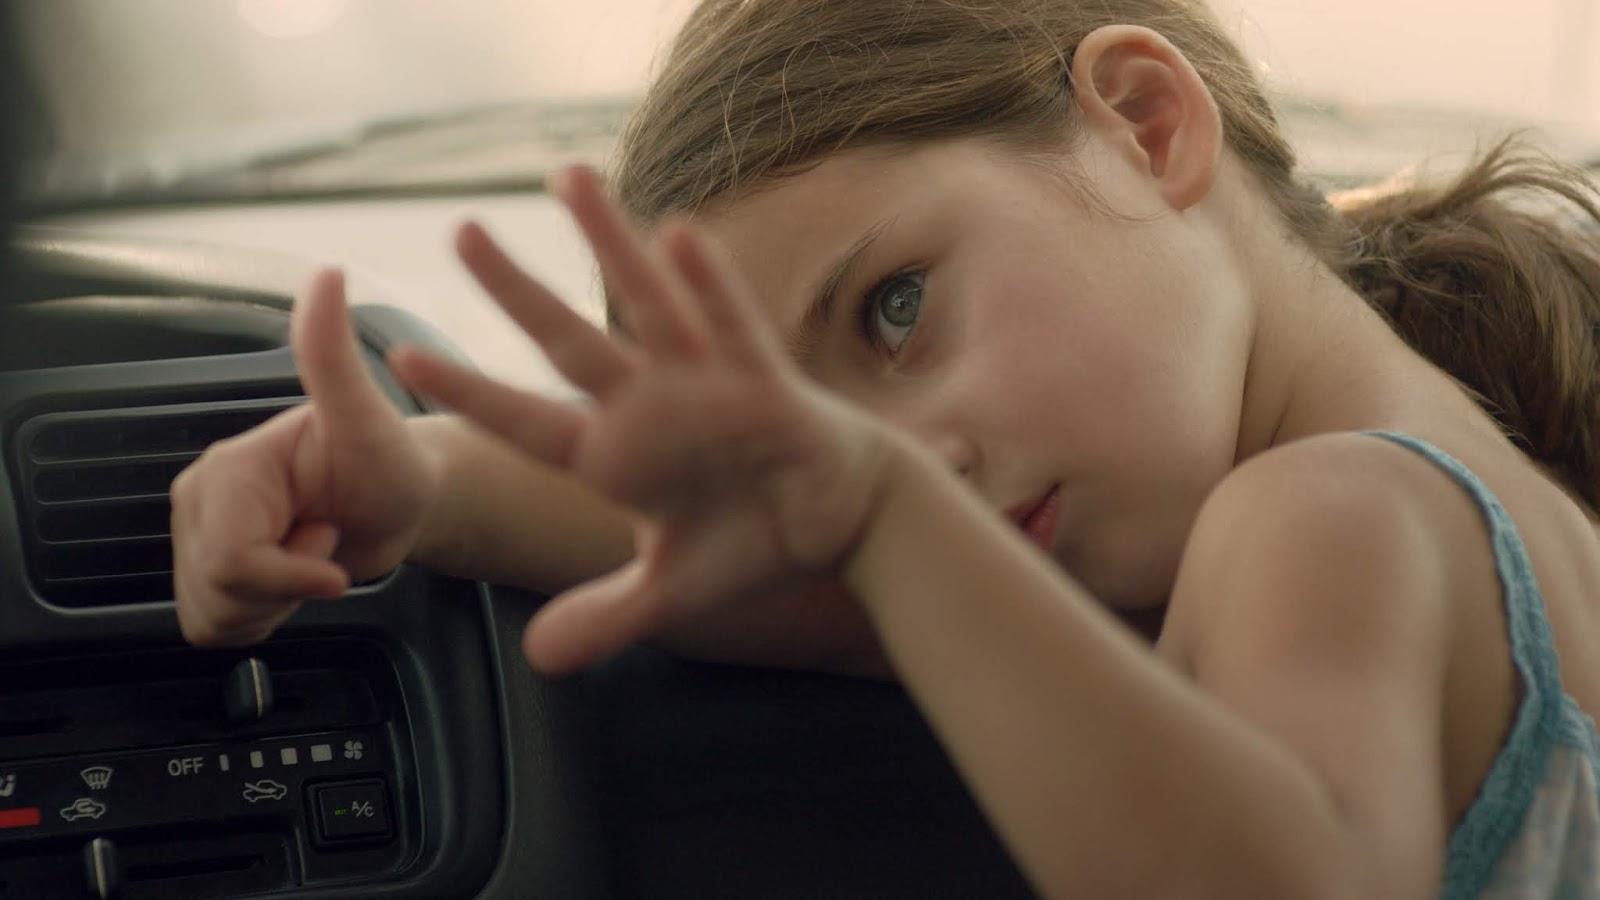 RIIFF Filmmaker Spotlight Series: